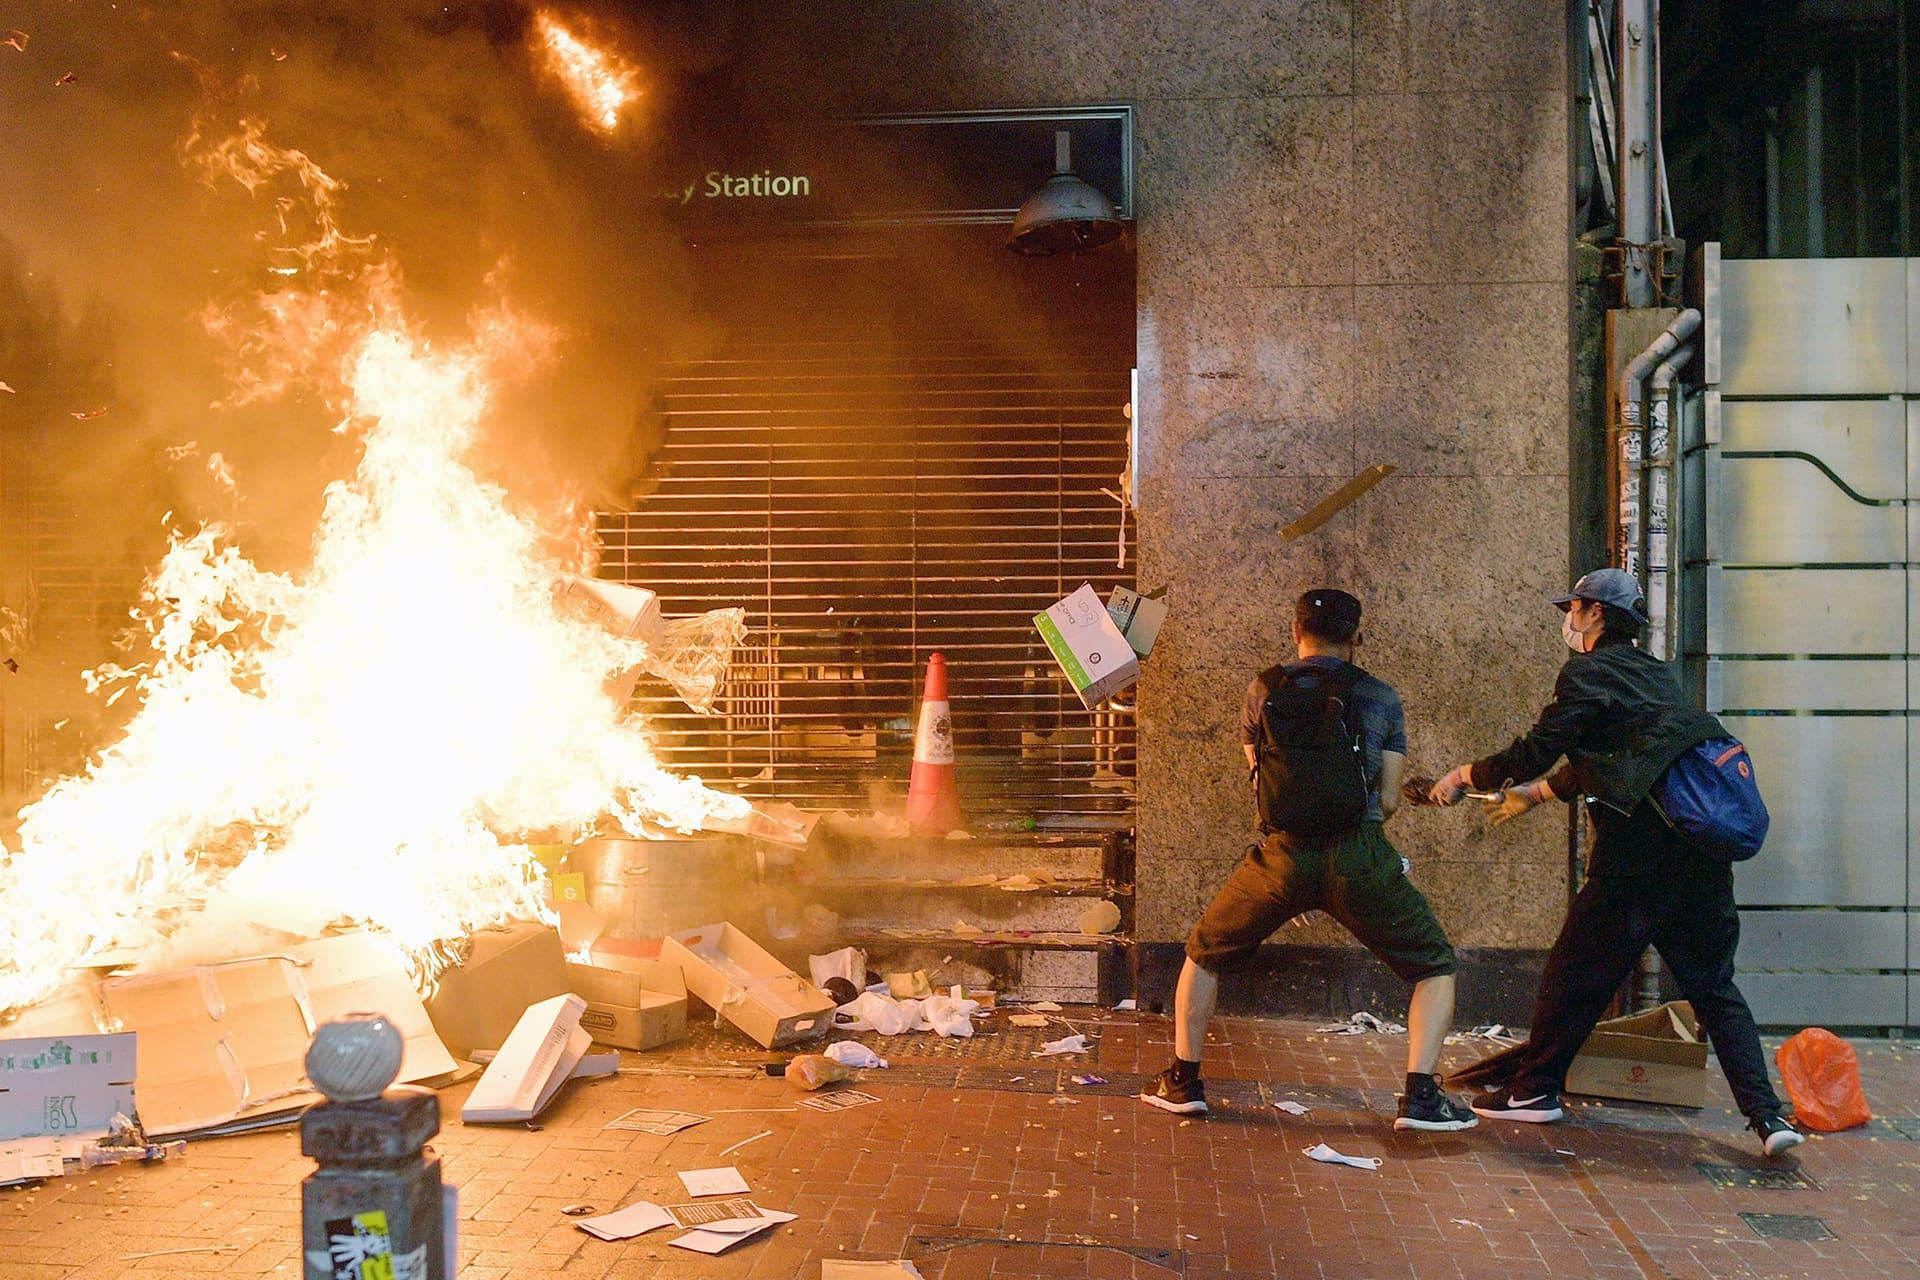 Mielenosoittajat polttavat tavaroita kadulla Hongkongissa.